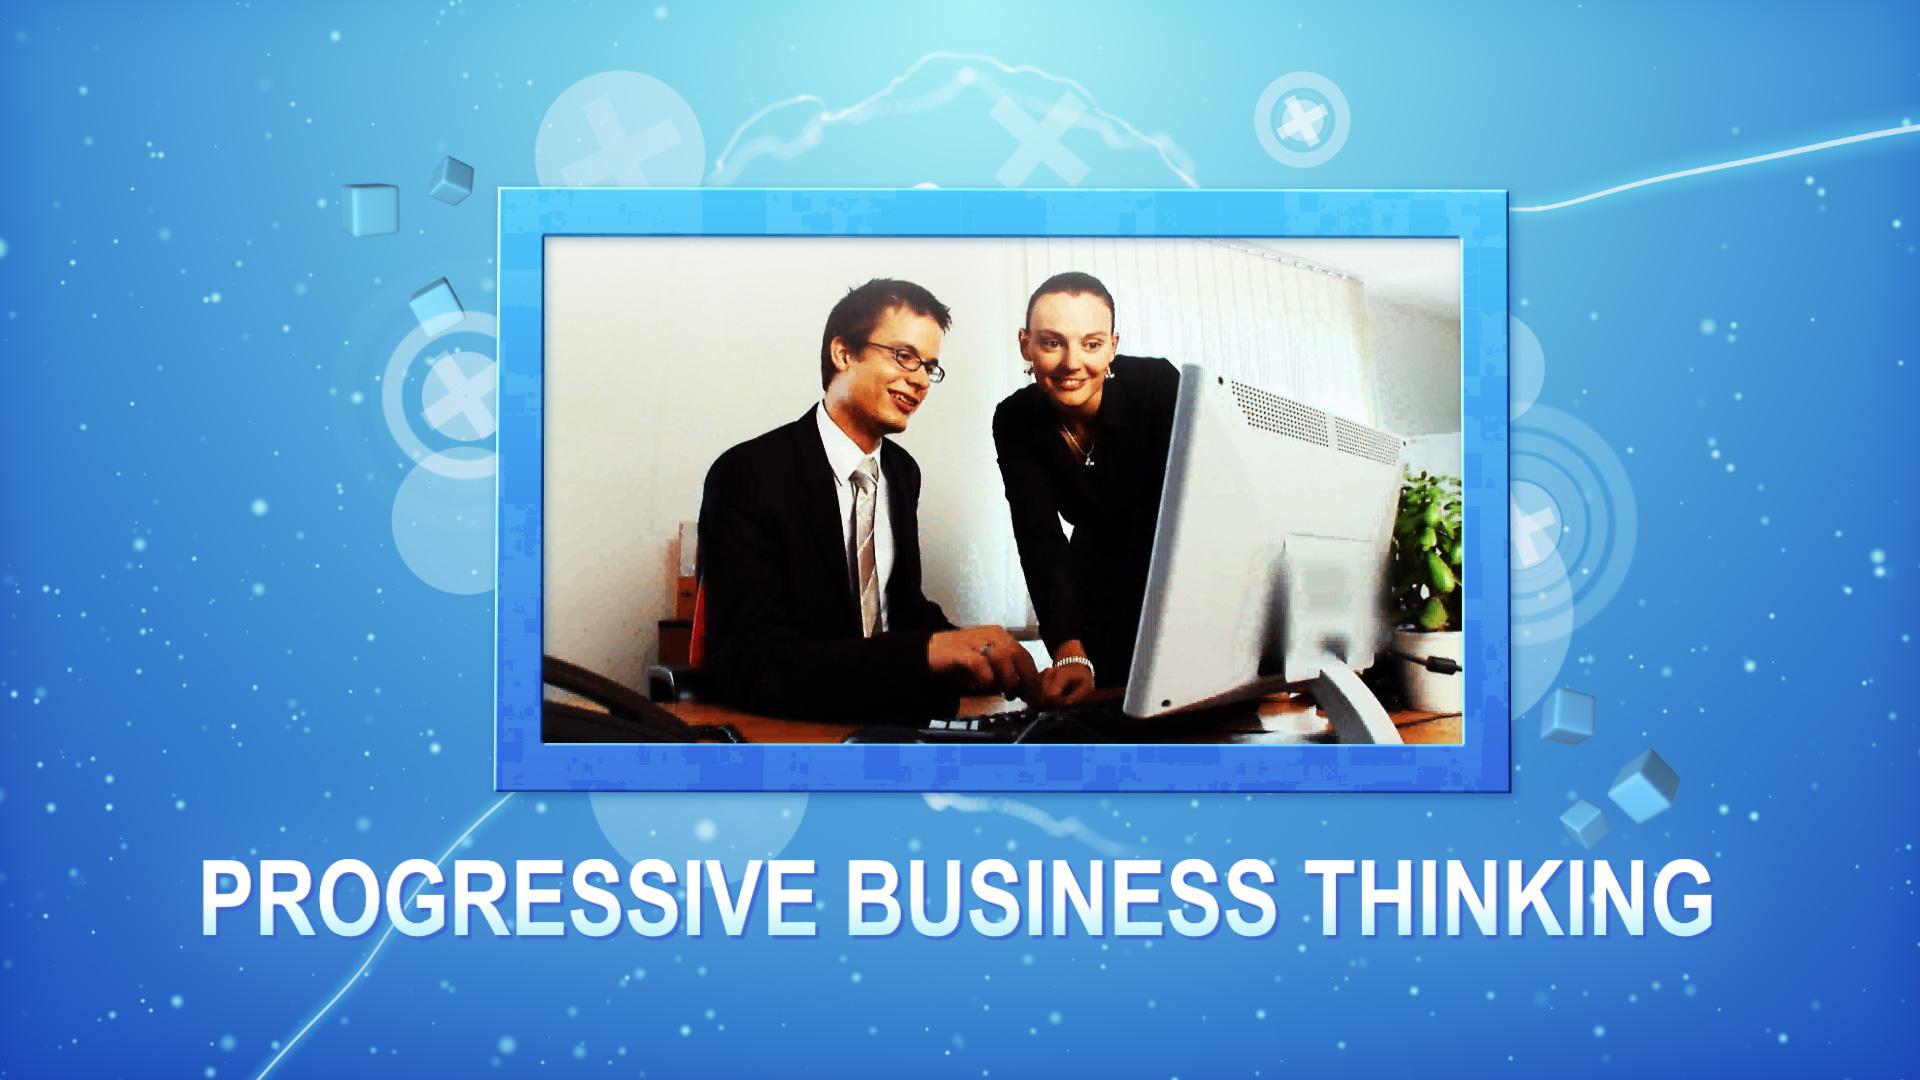 After Effects Intro pour site d'affaires et de services #26813